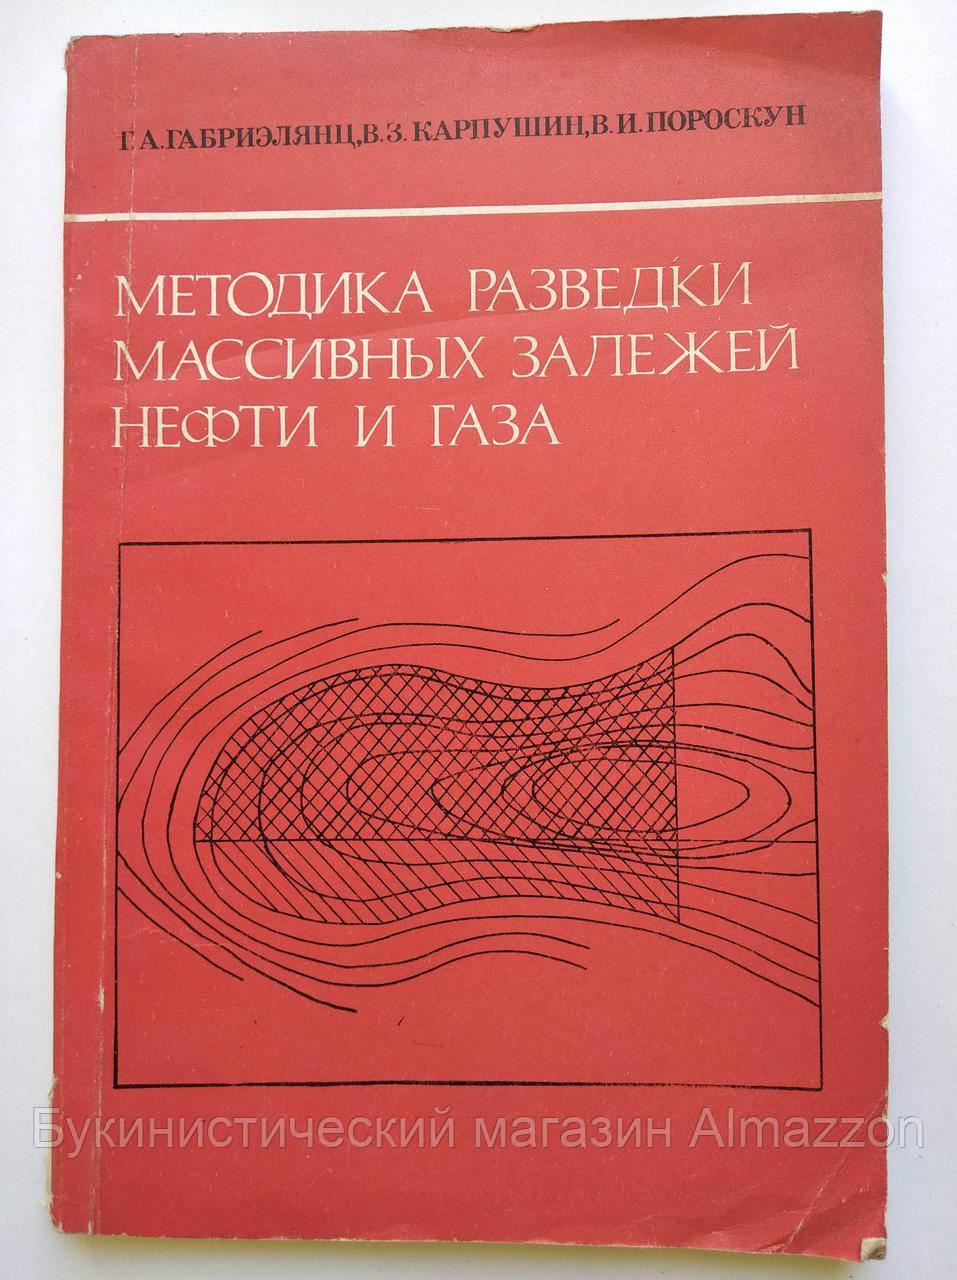 Г.Габриэлянц Методика разведки массивных залежей нефти и газа